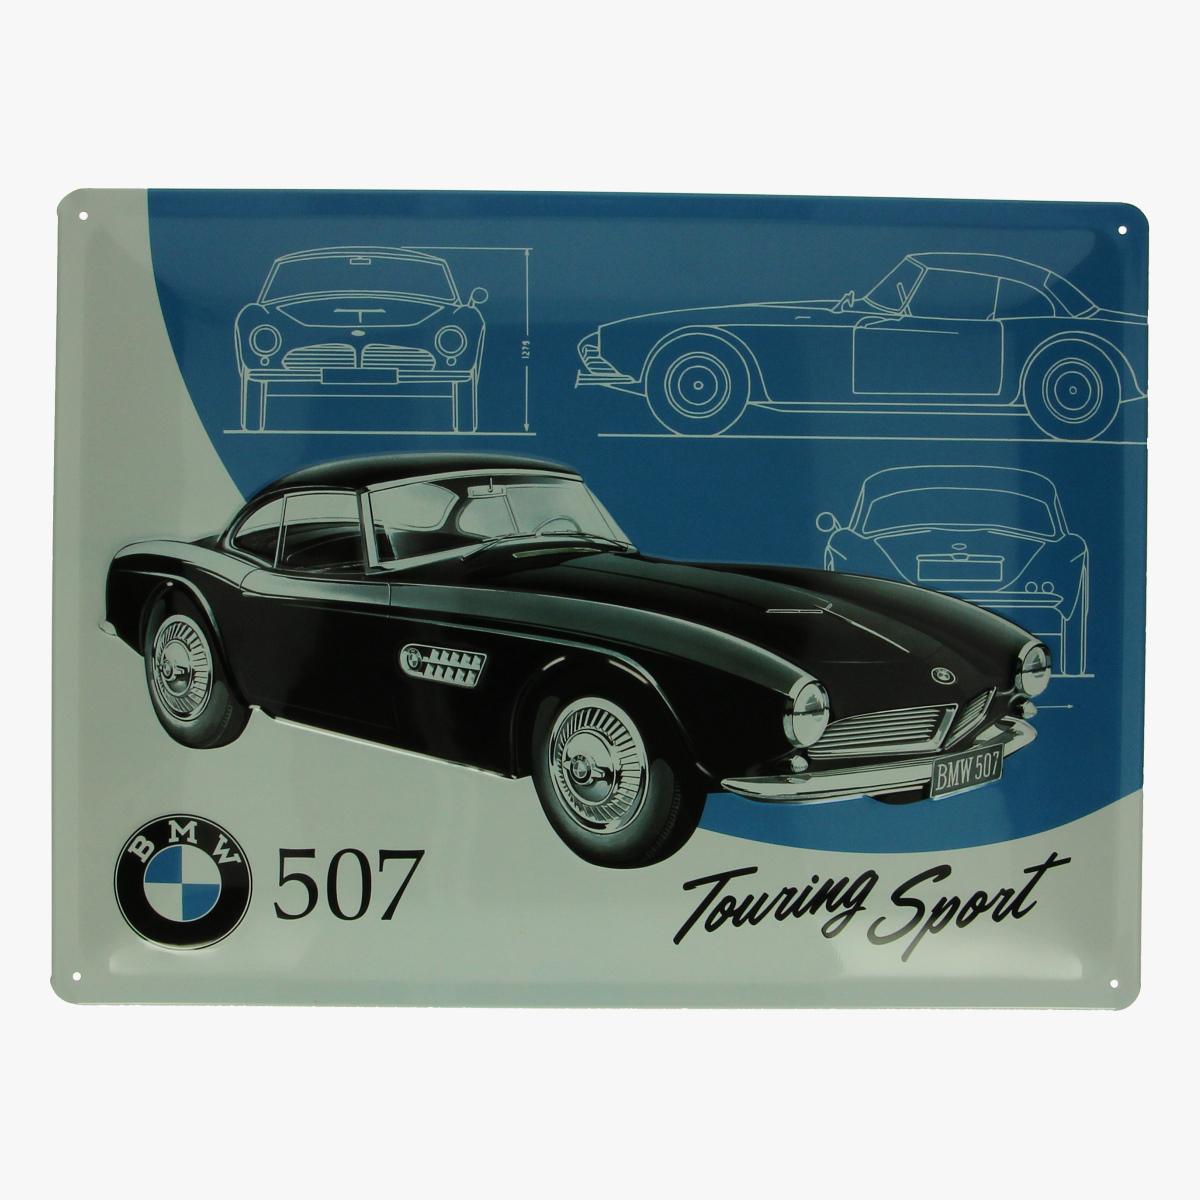 Afbeeldingen van blikken bord BMW 507 Touring sport repro